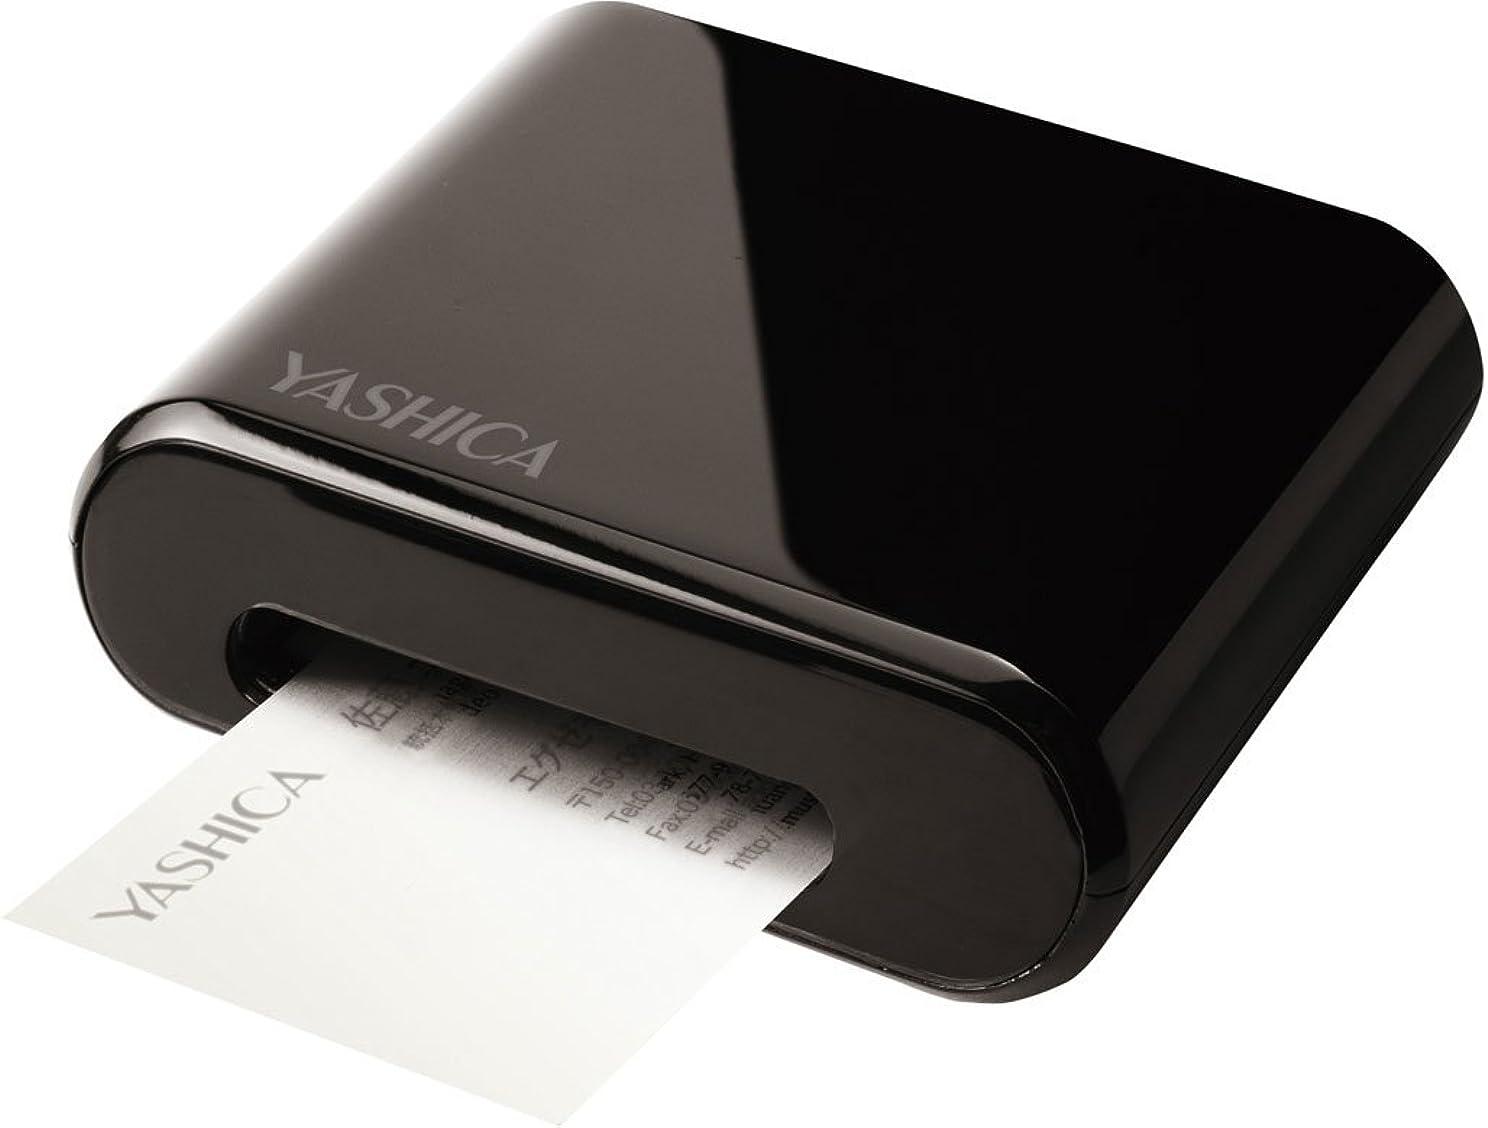 物理ペン馬鹿YASHICA USB名刺スキャナー S80 <33401>